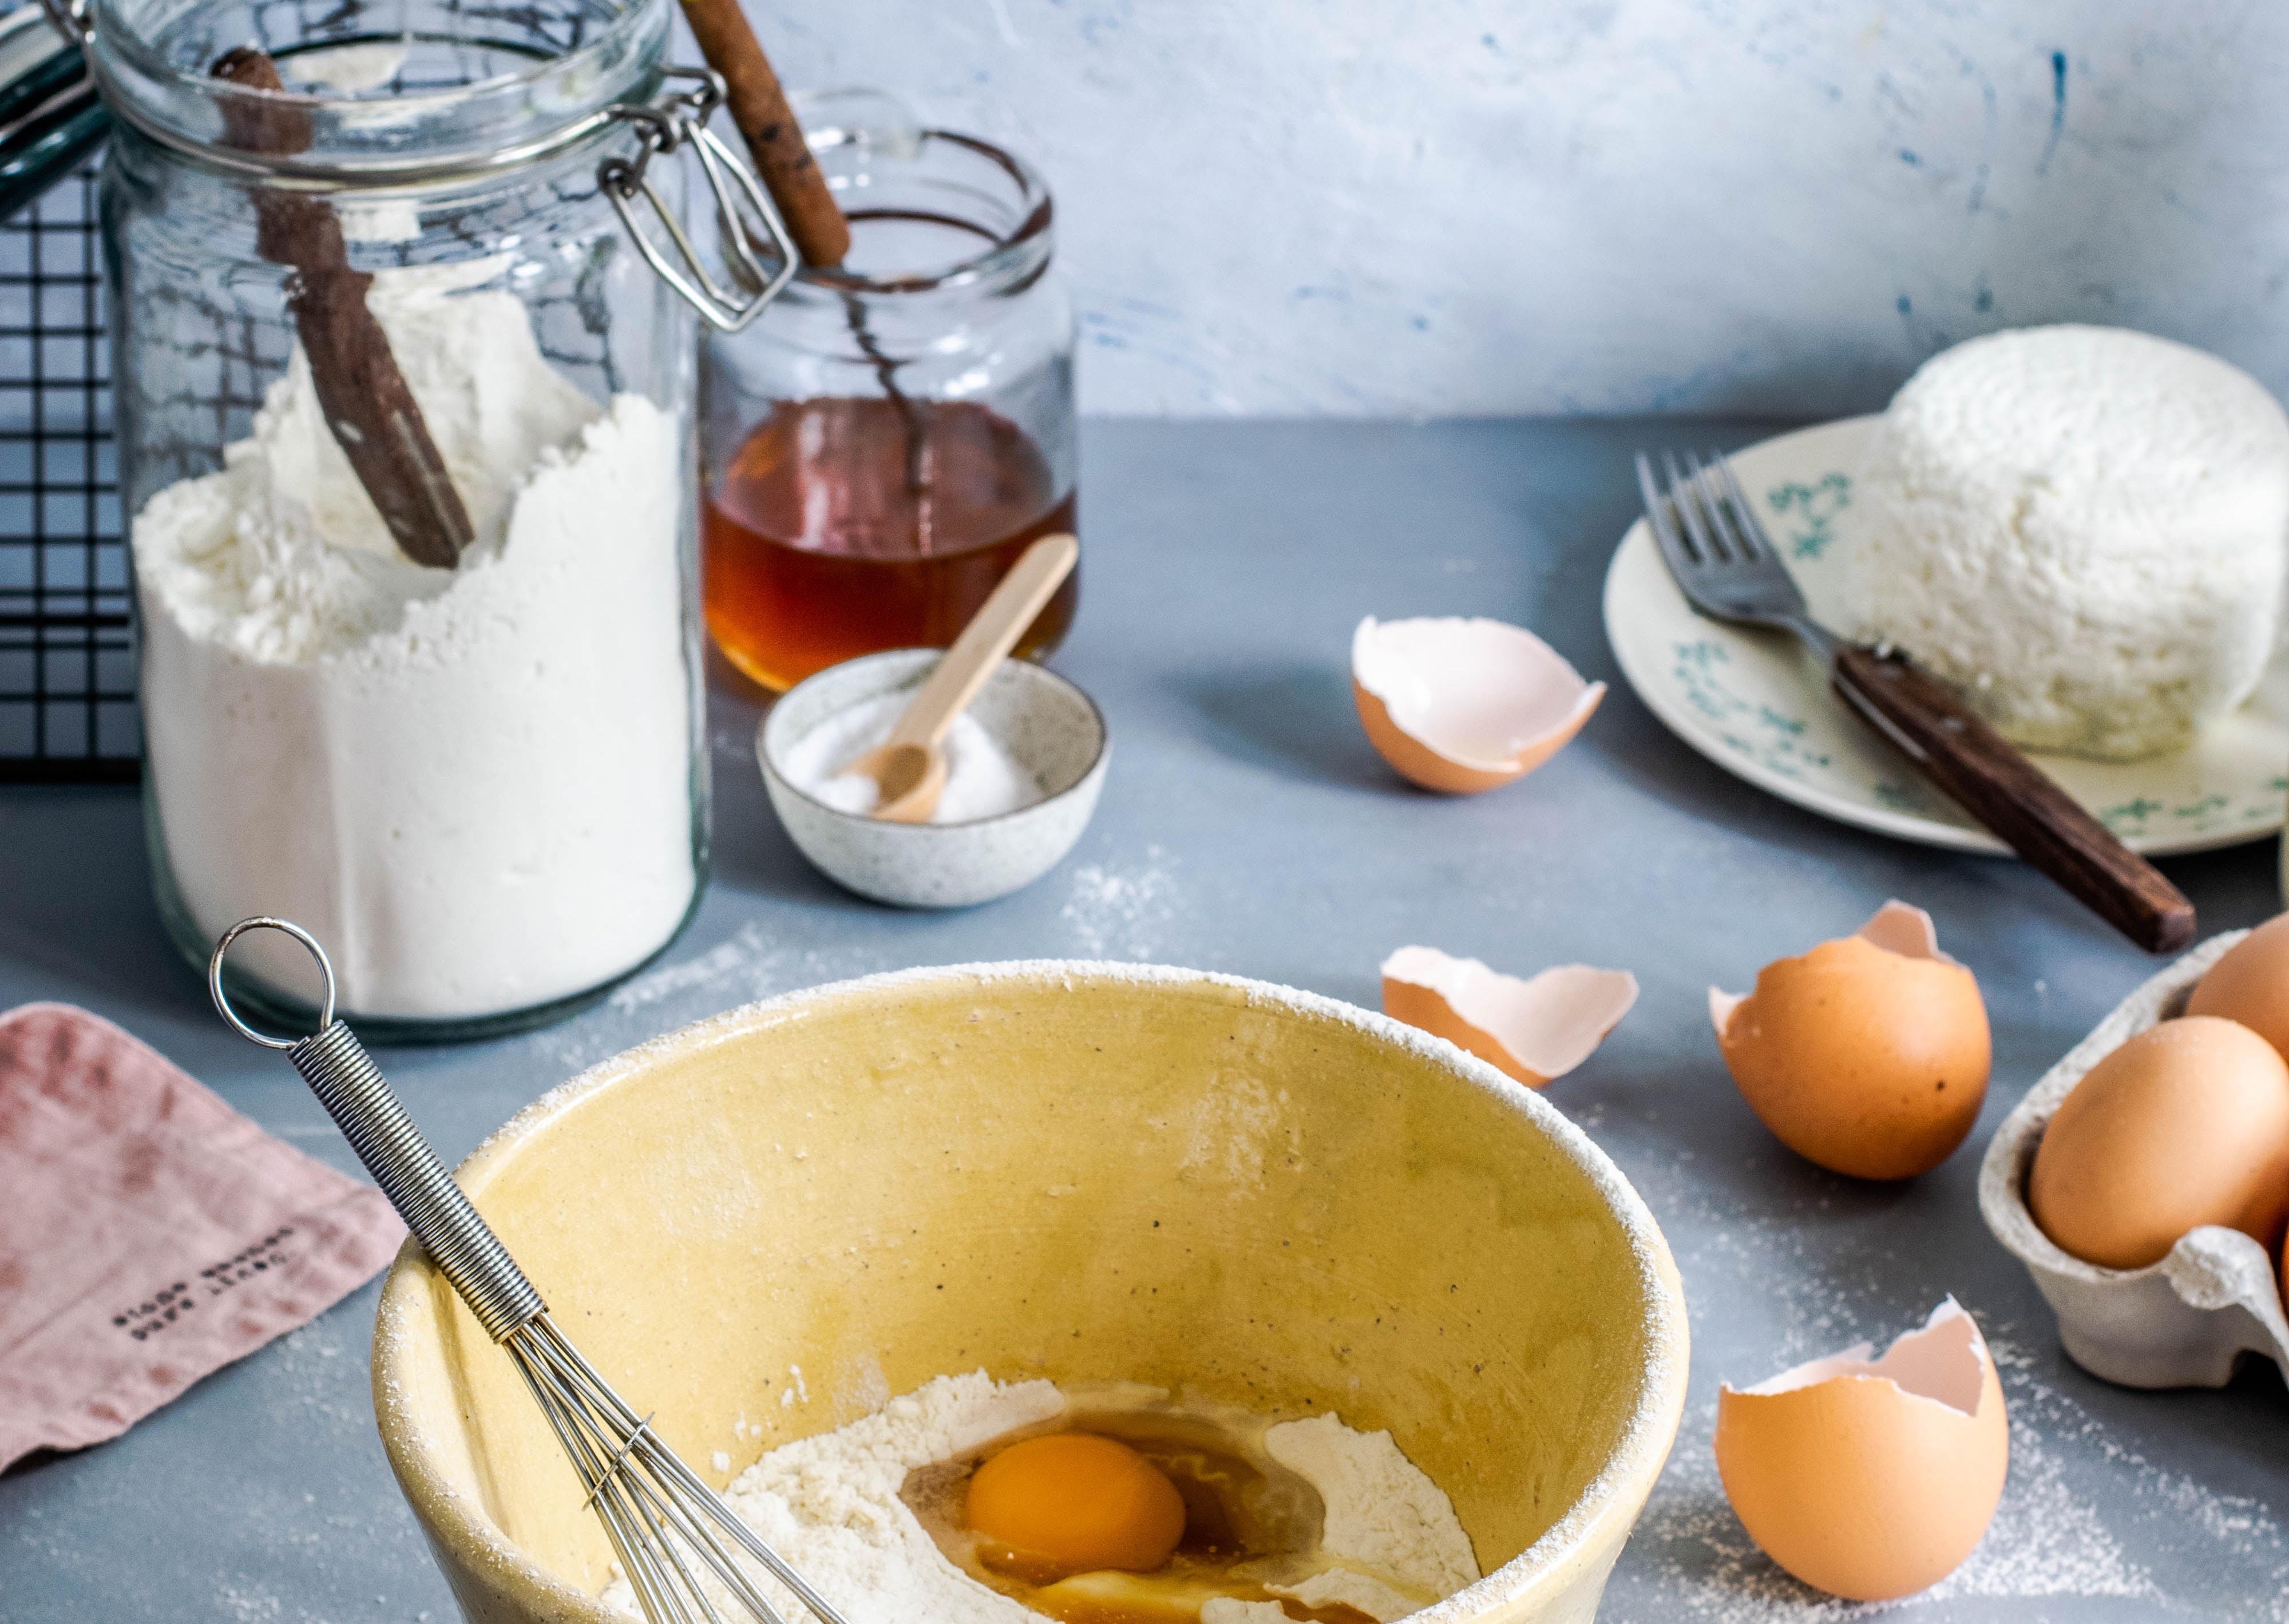 Pâtisserie sans lactose Unsplash